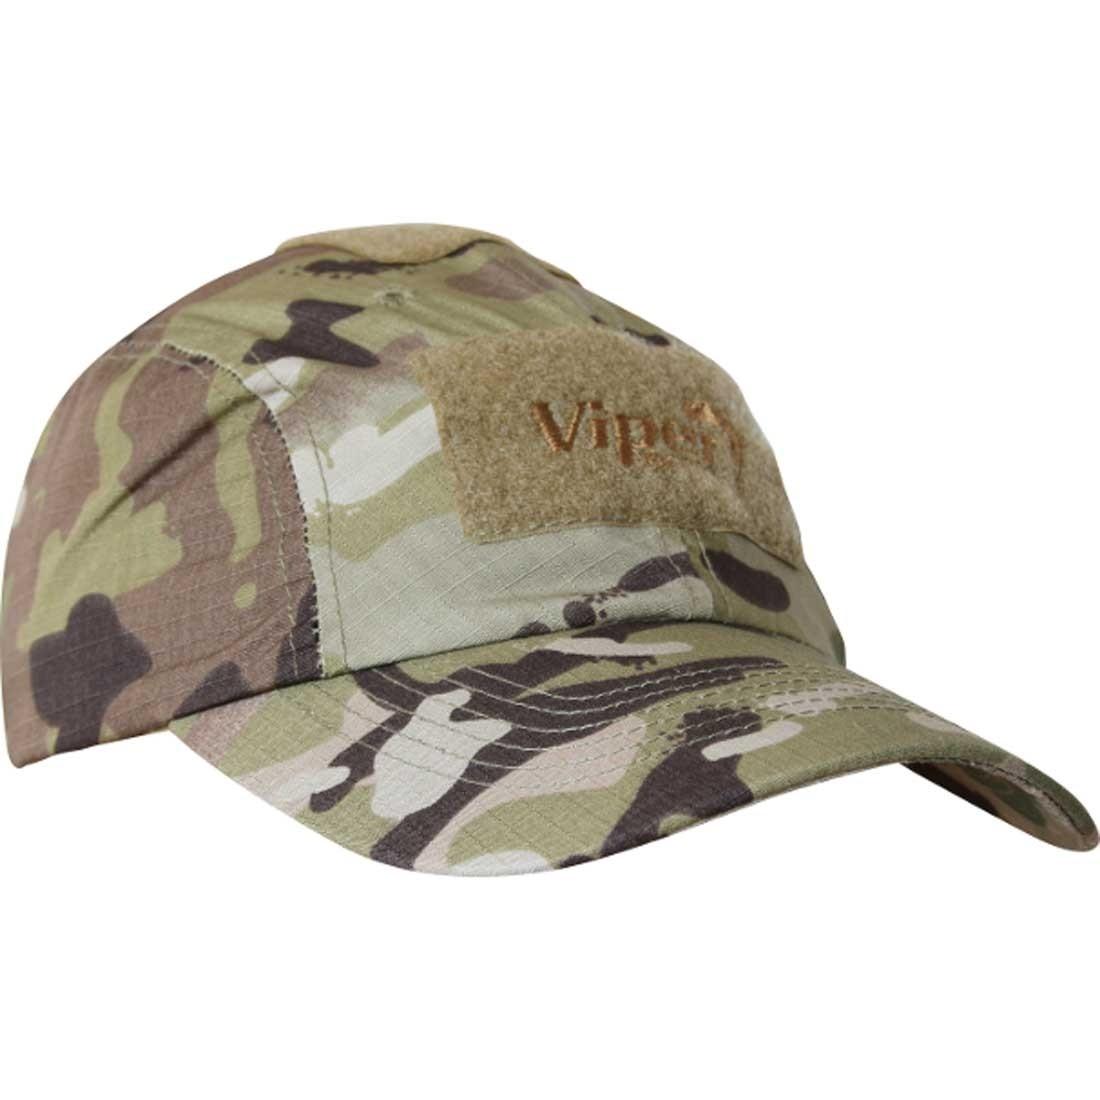 Viper Elite Baseball Cap (VCAM Multicam)